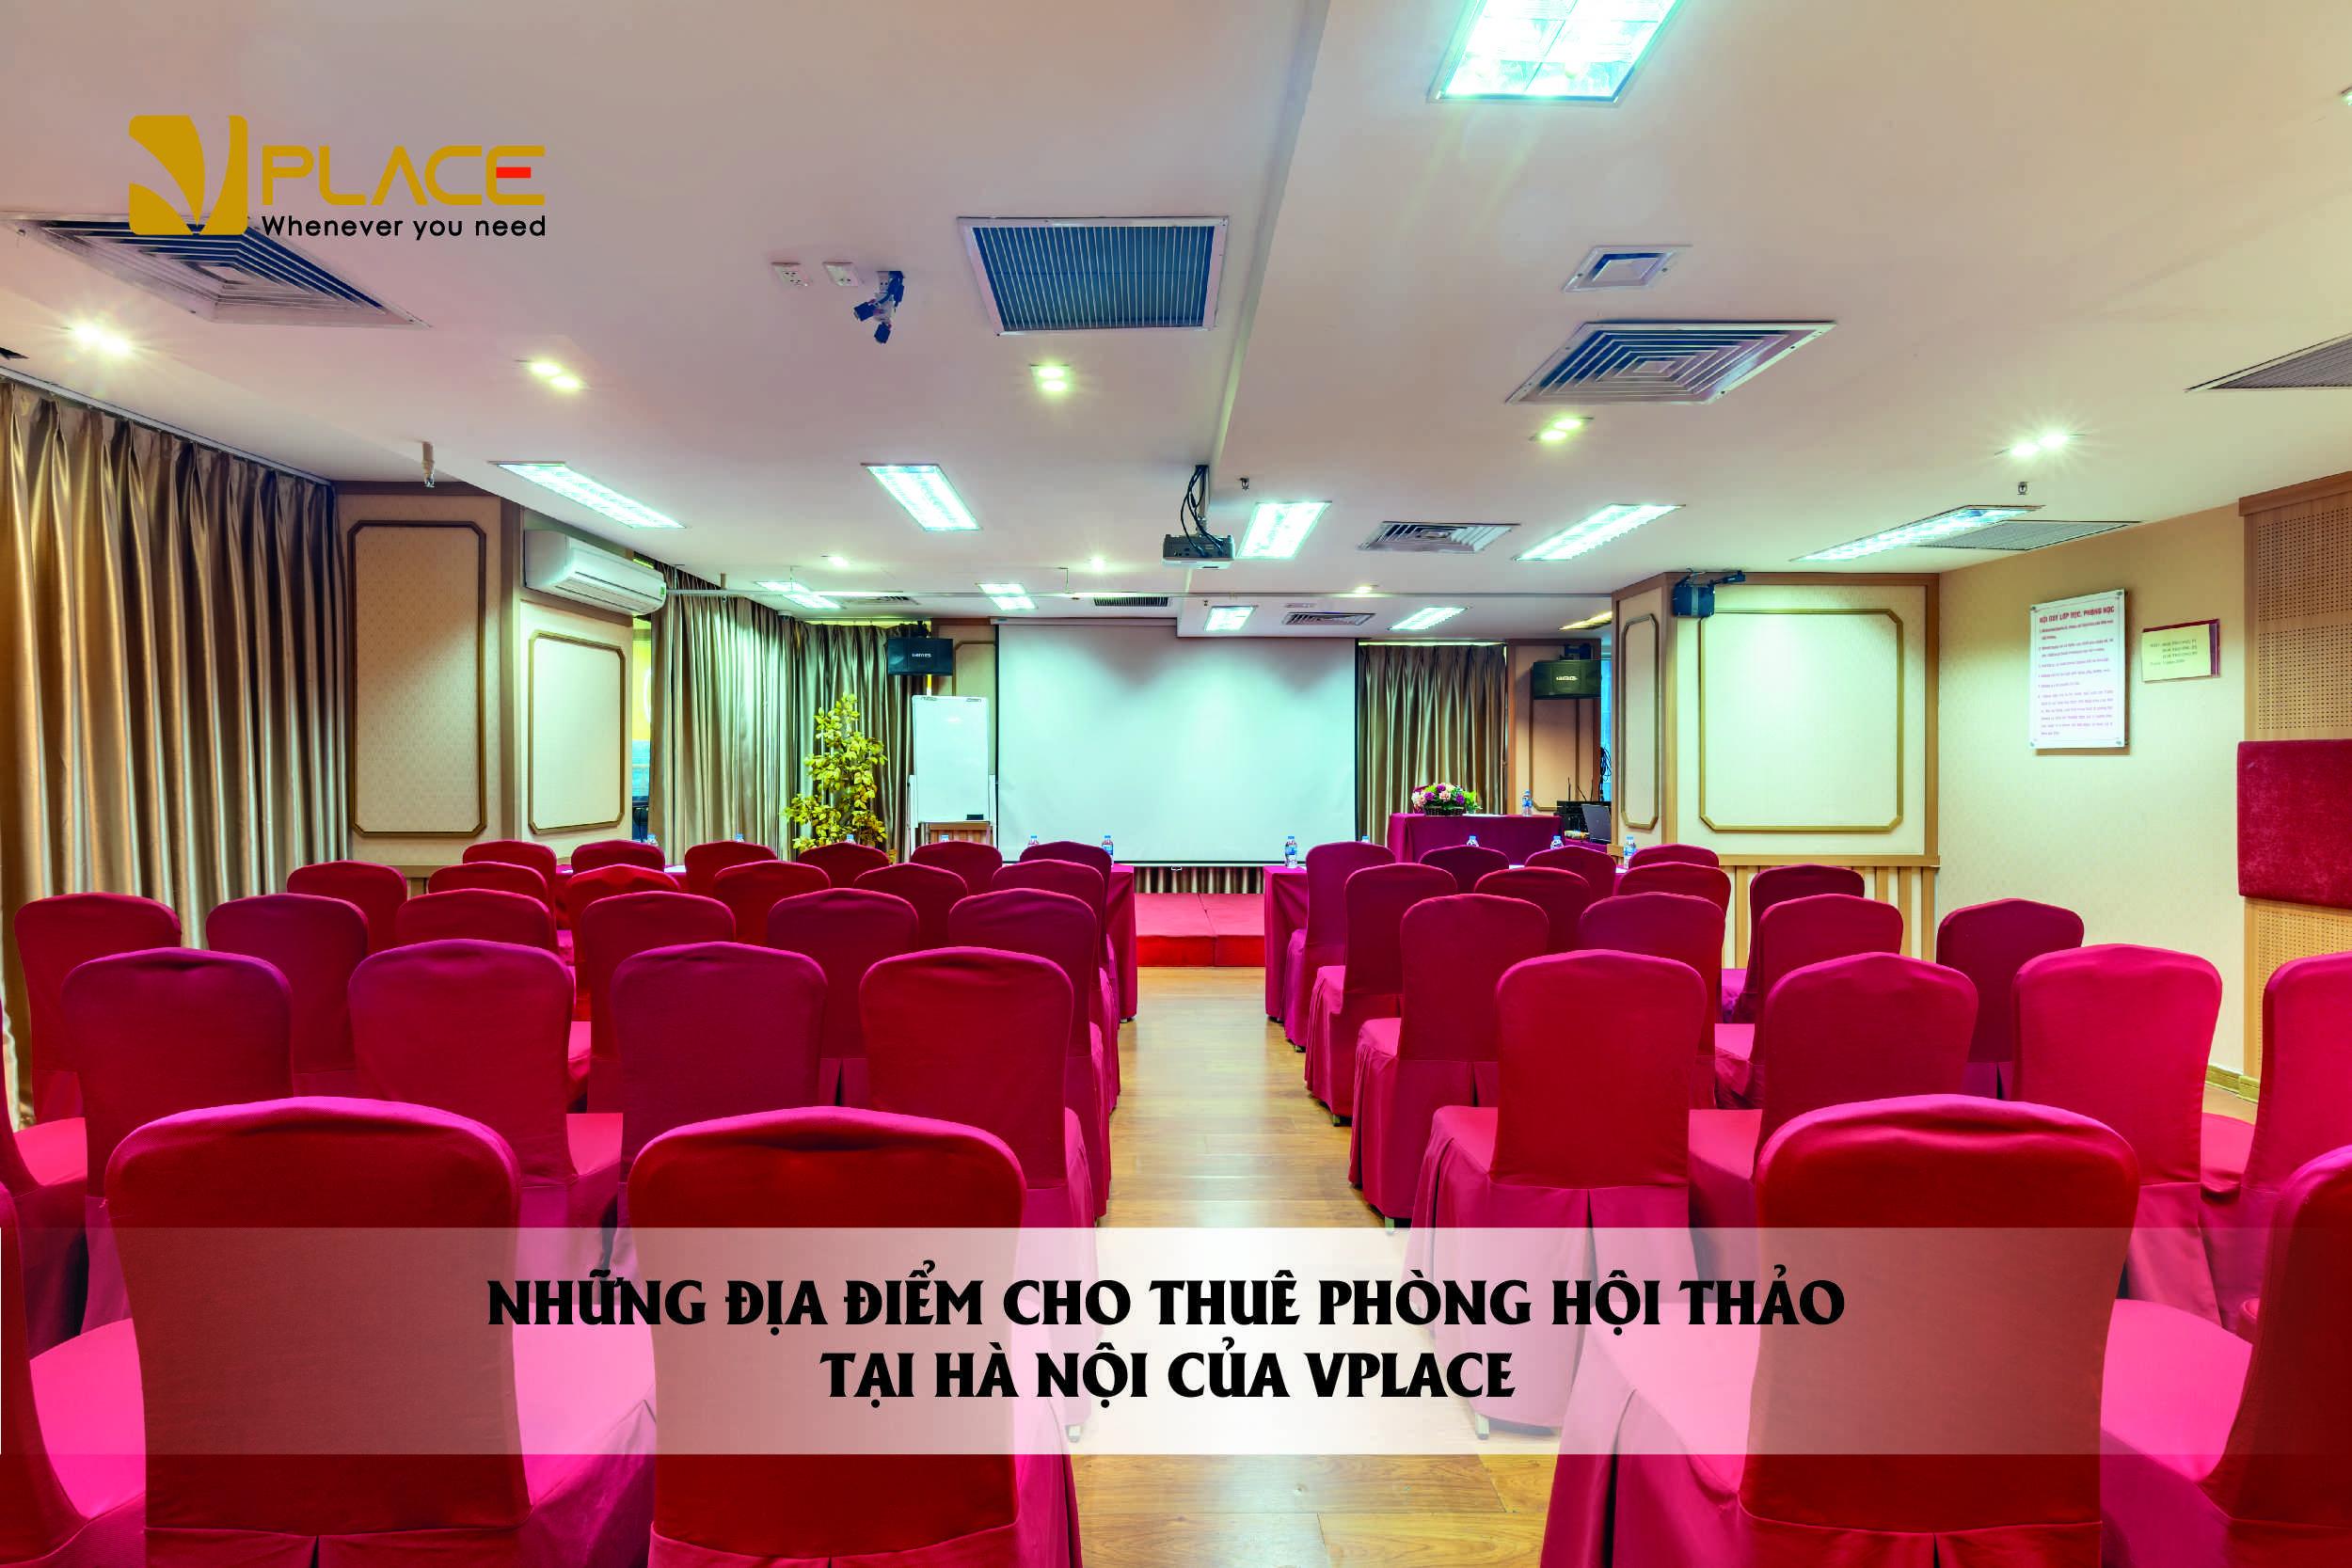 dịch vụ cho thuê phòng hội thảo tại Hà Nội